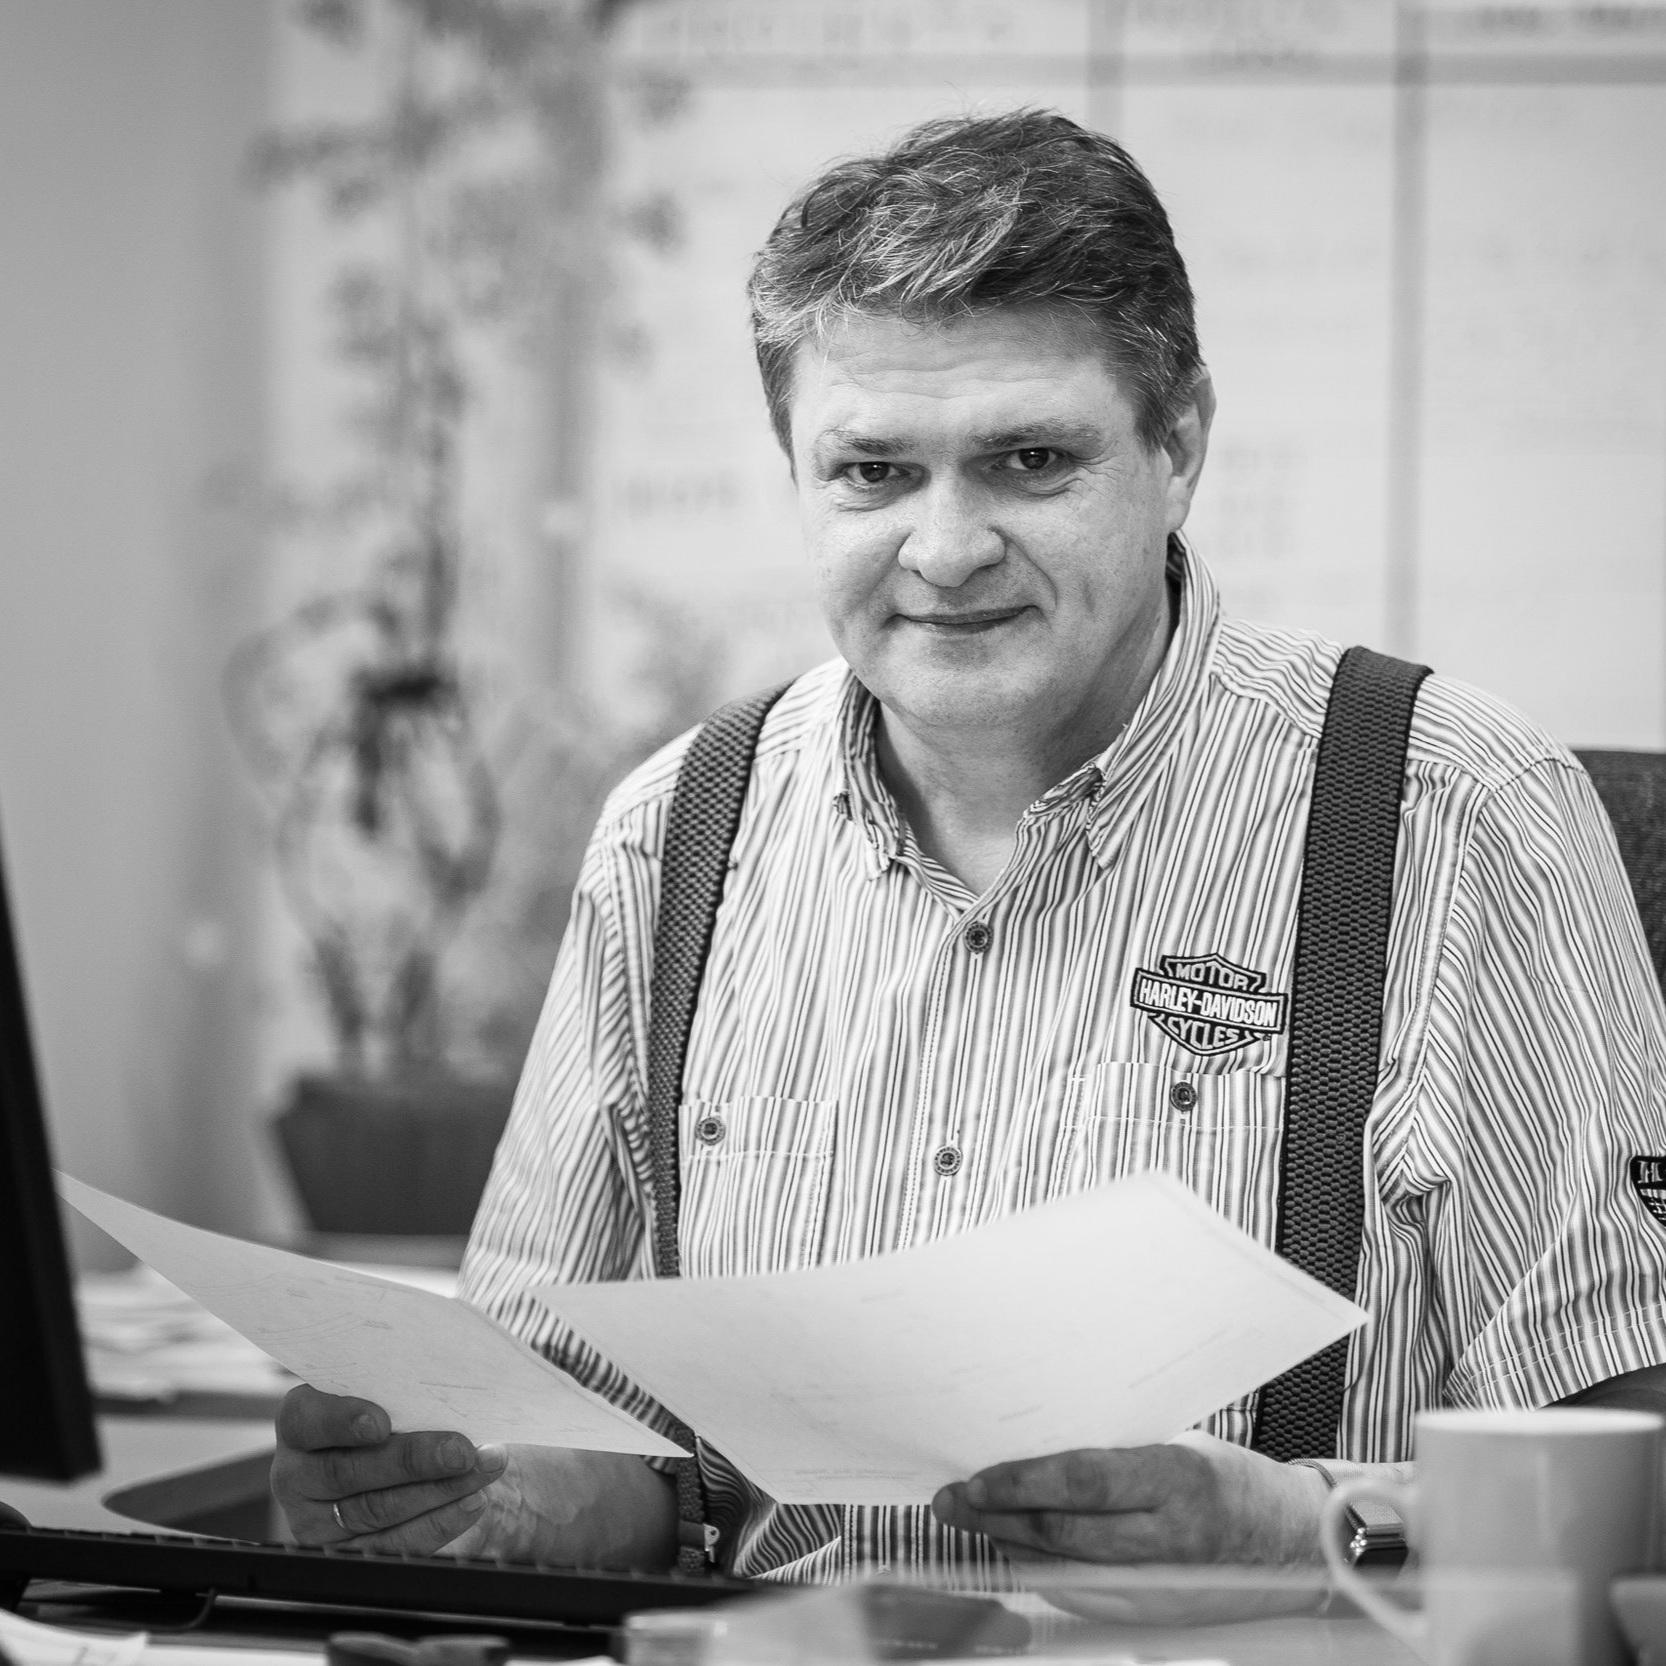 Aras Noreika - CEO, Project Director